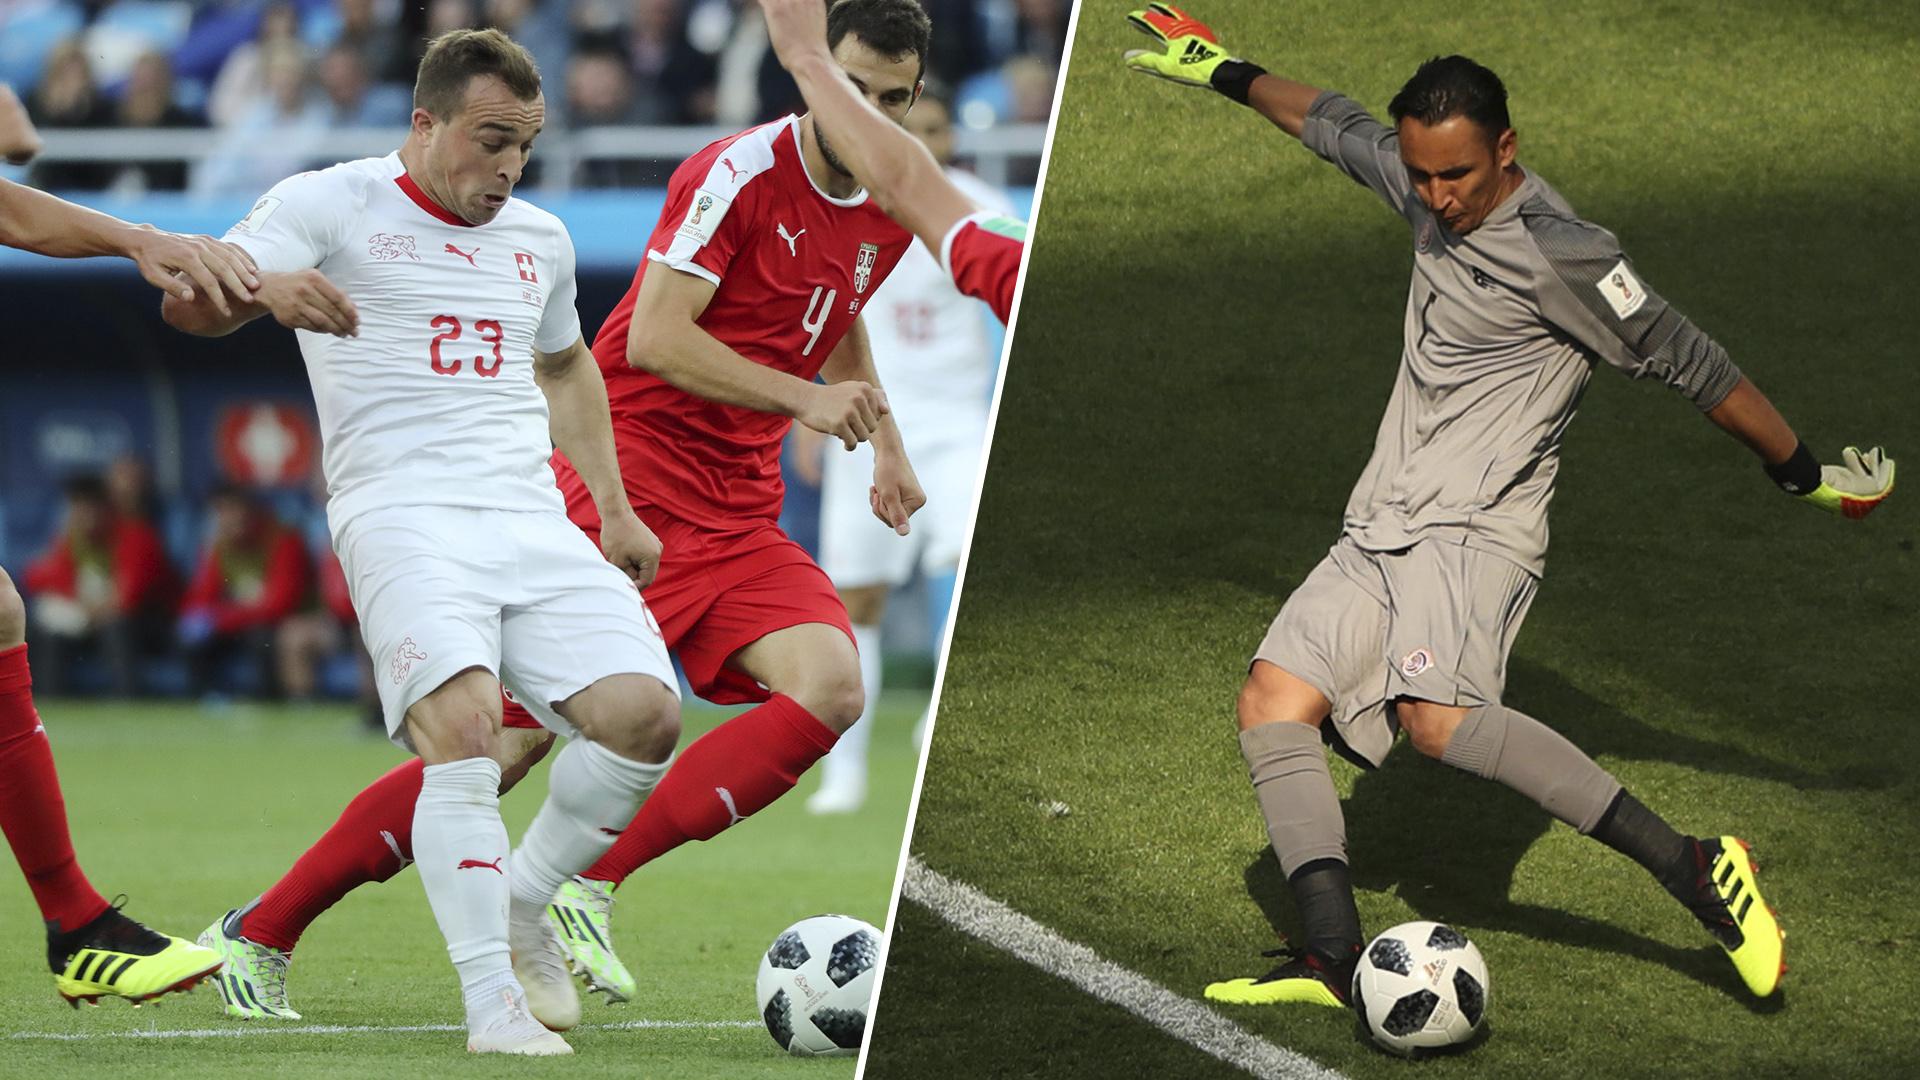 Suiza con el empate llegará a la siguiente fase